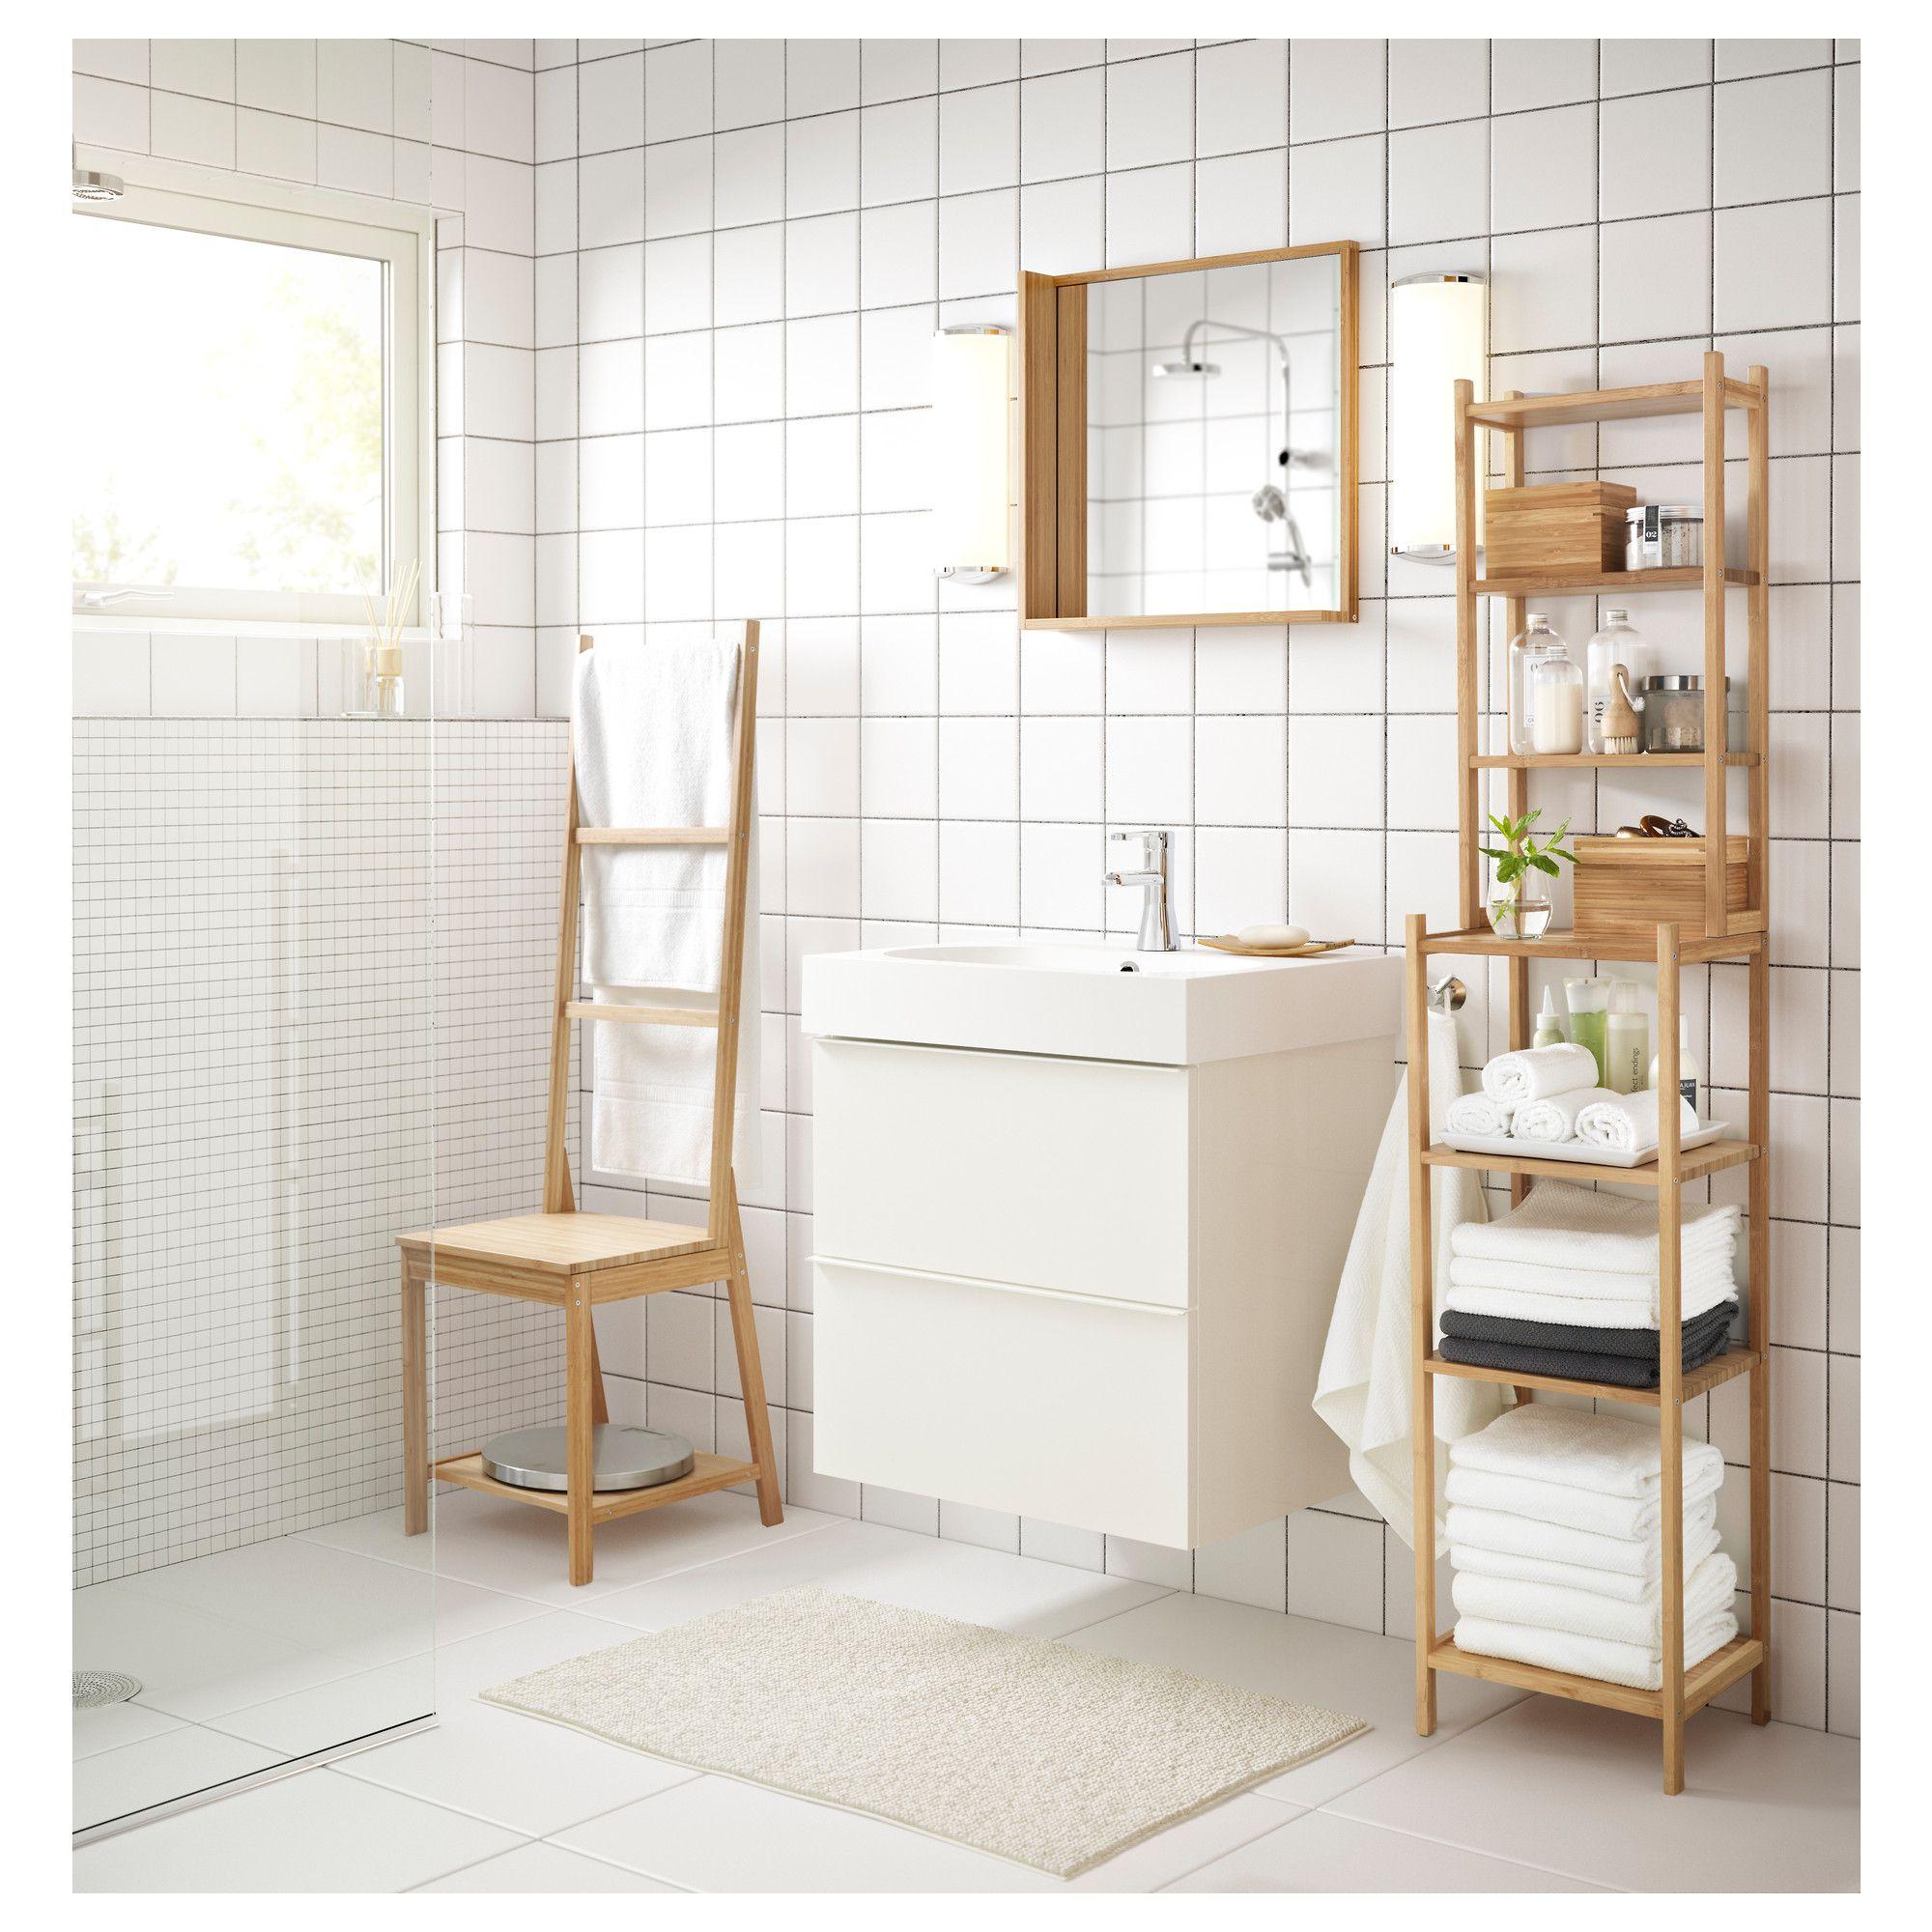 Badezimmer design neu rÅgrund stuhl mit handtuchhalter bambus  i n t e r i o  pinterest